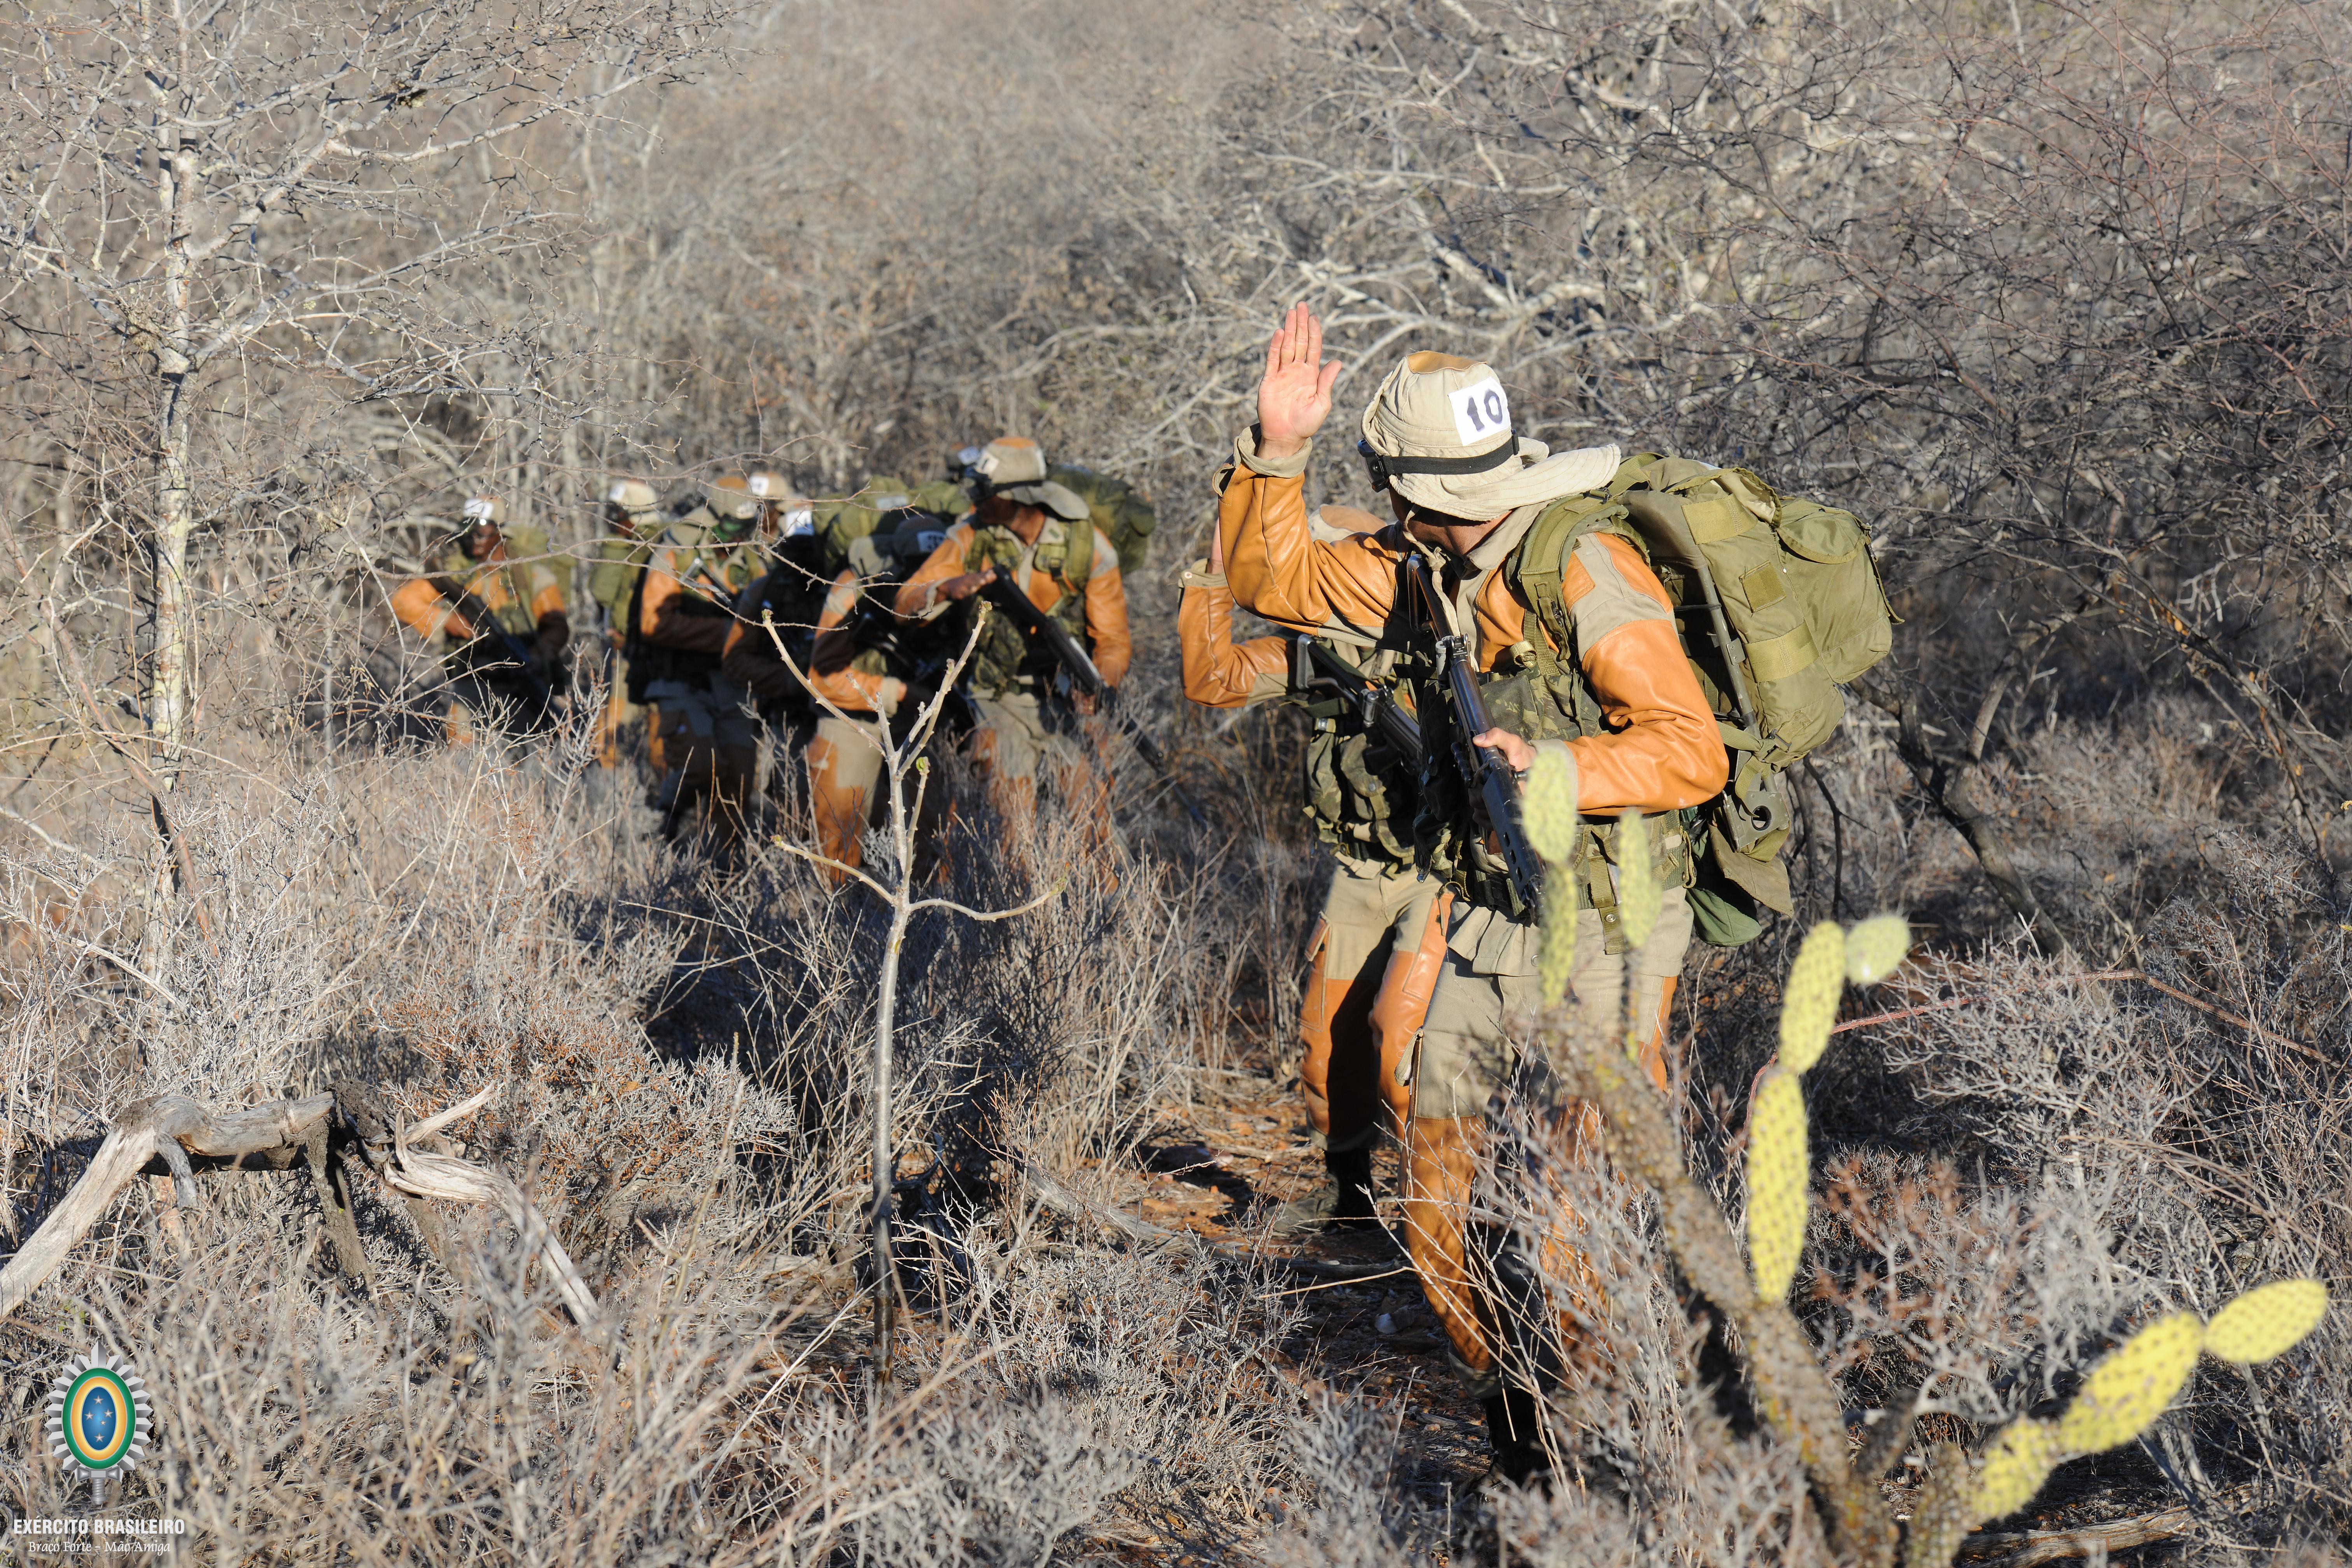 Combatente_da_Caatinga_(26427352440).jpg